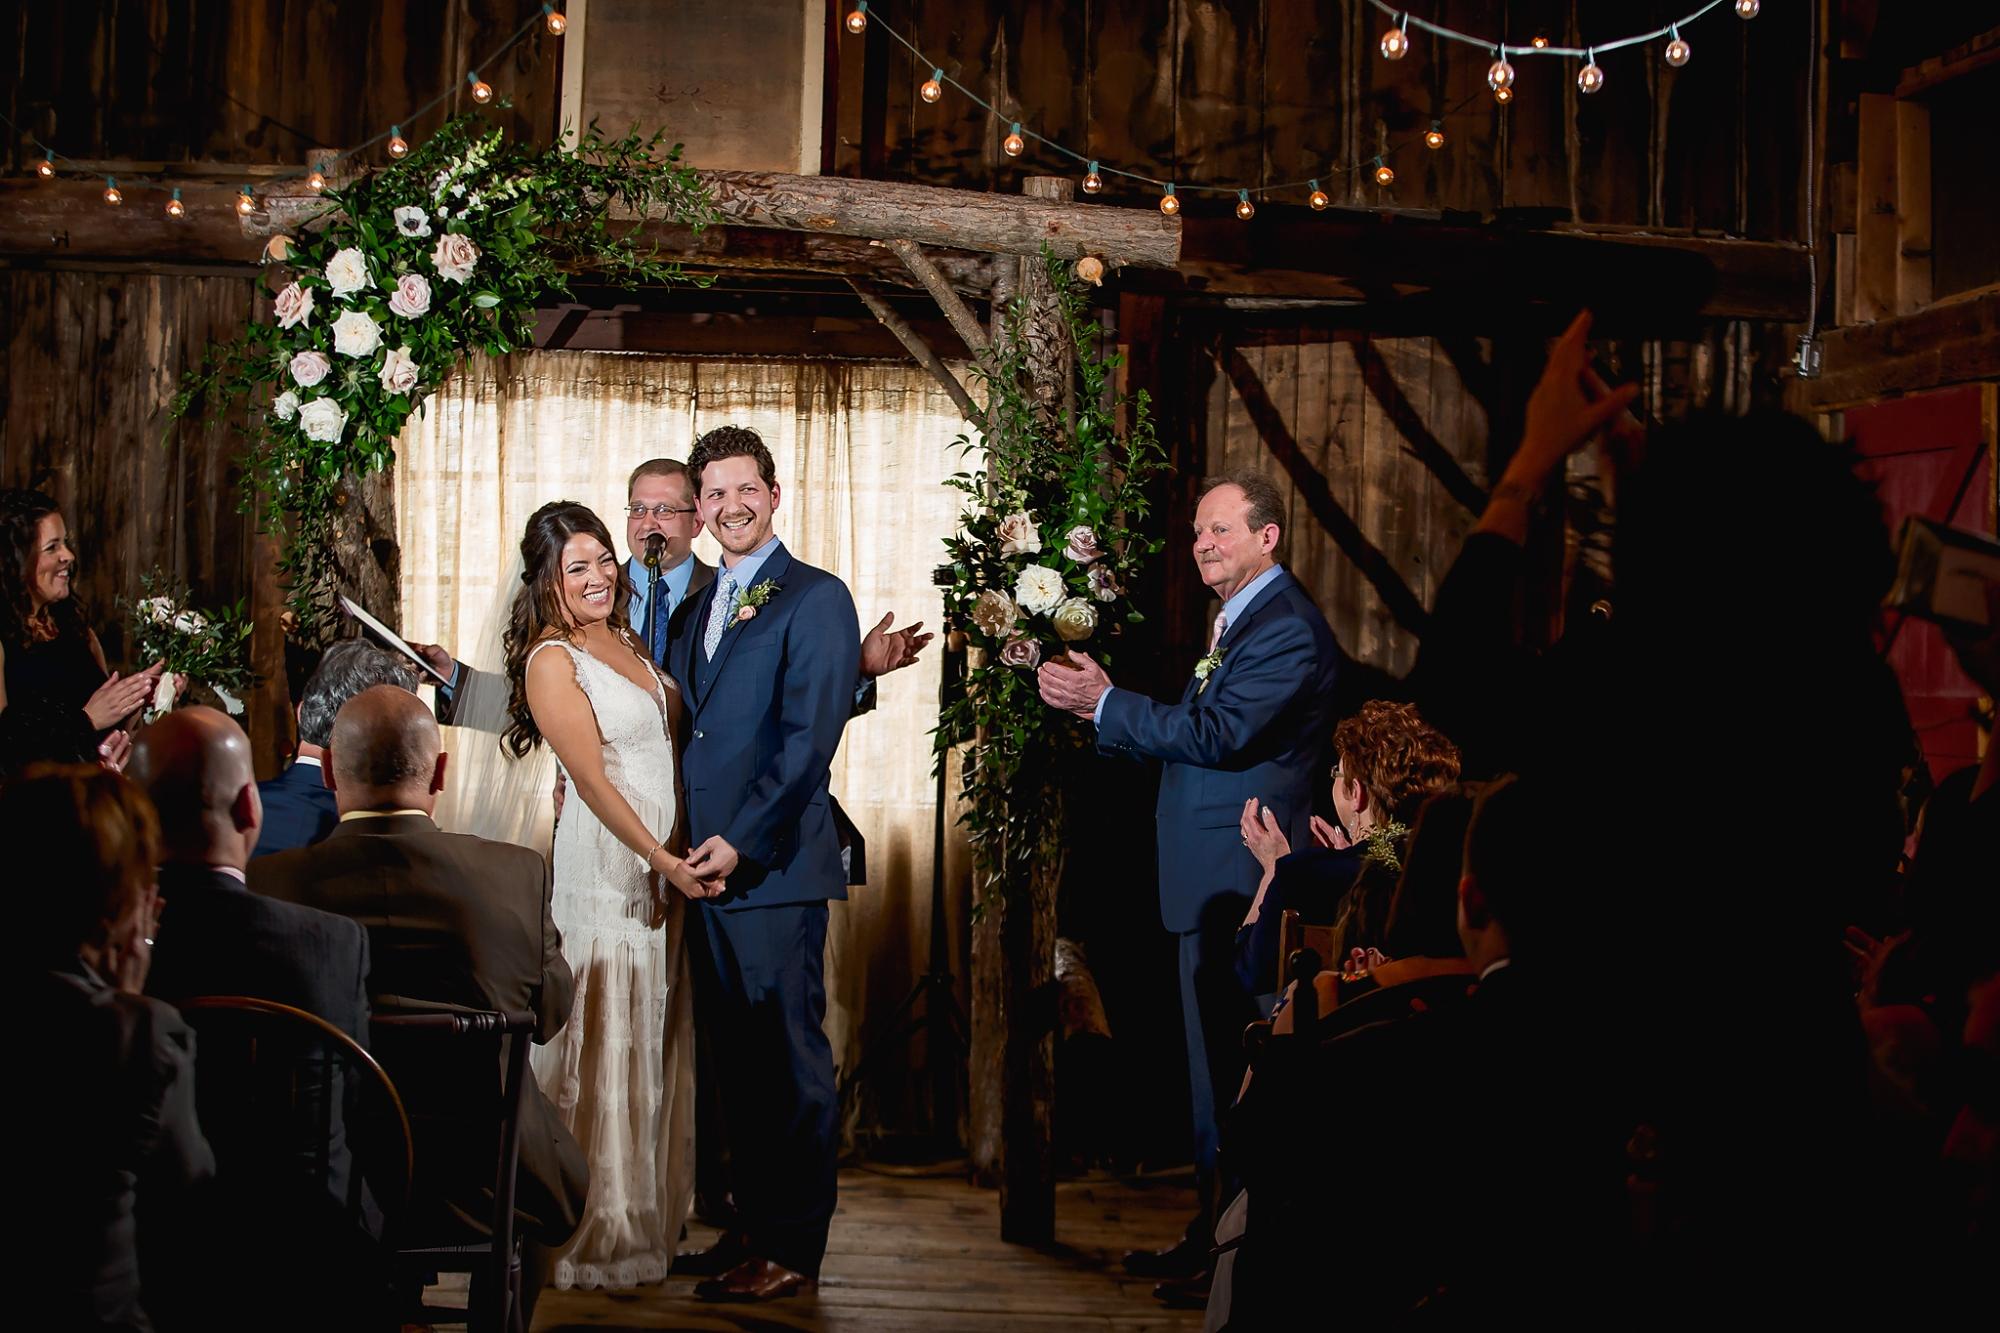 Jacks-Barn-Wedding-Photography4